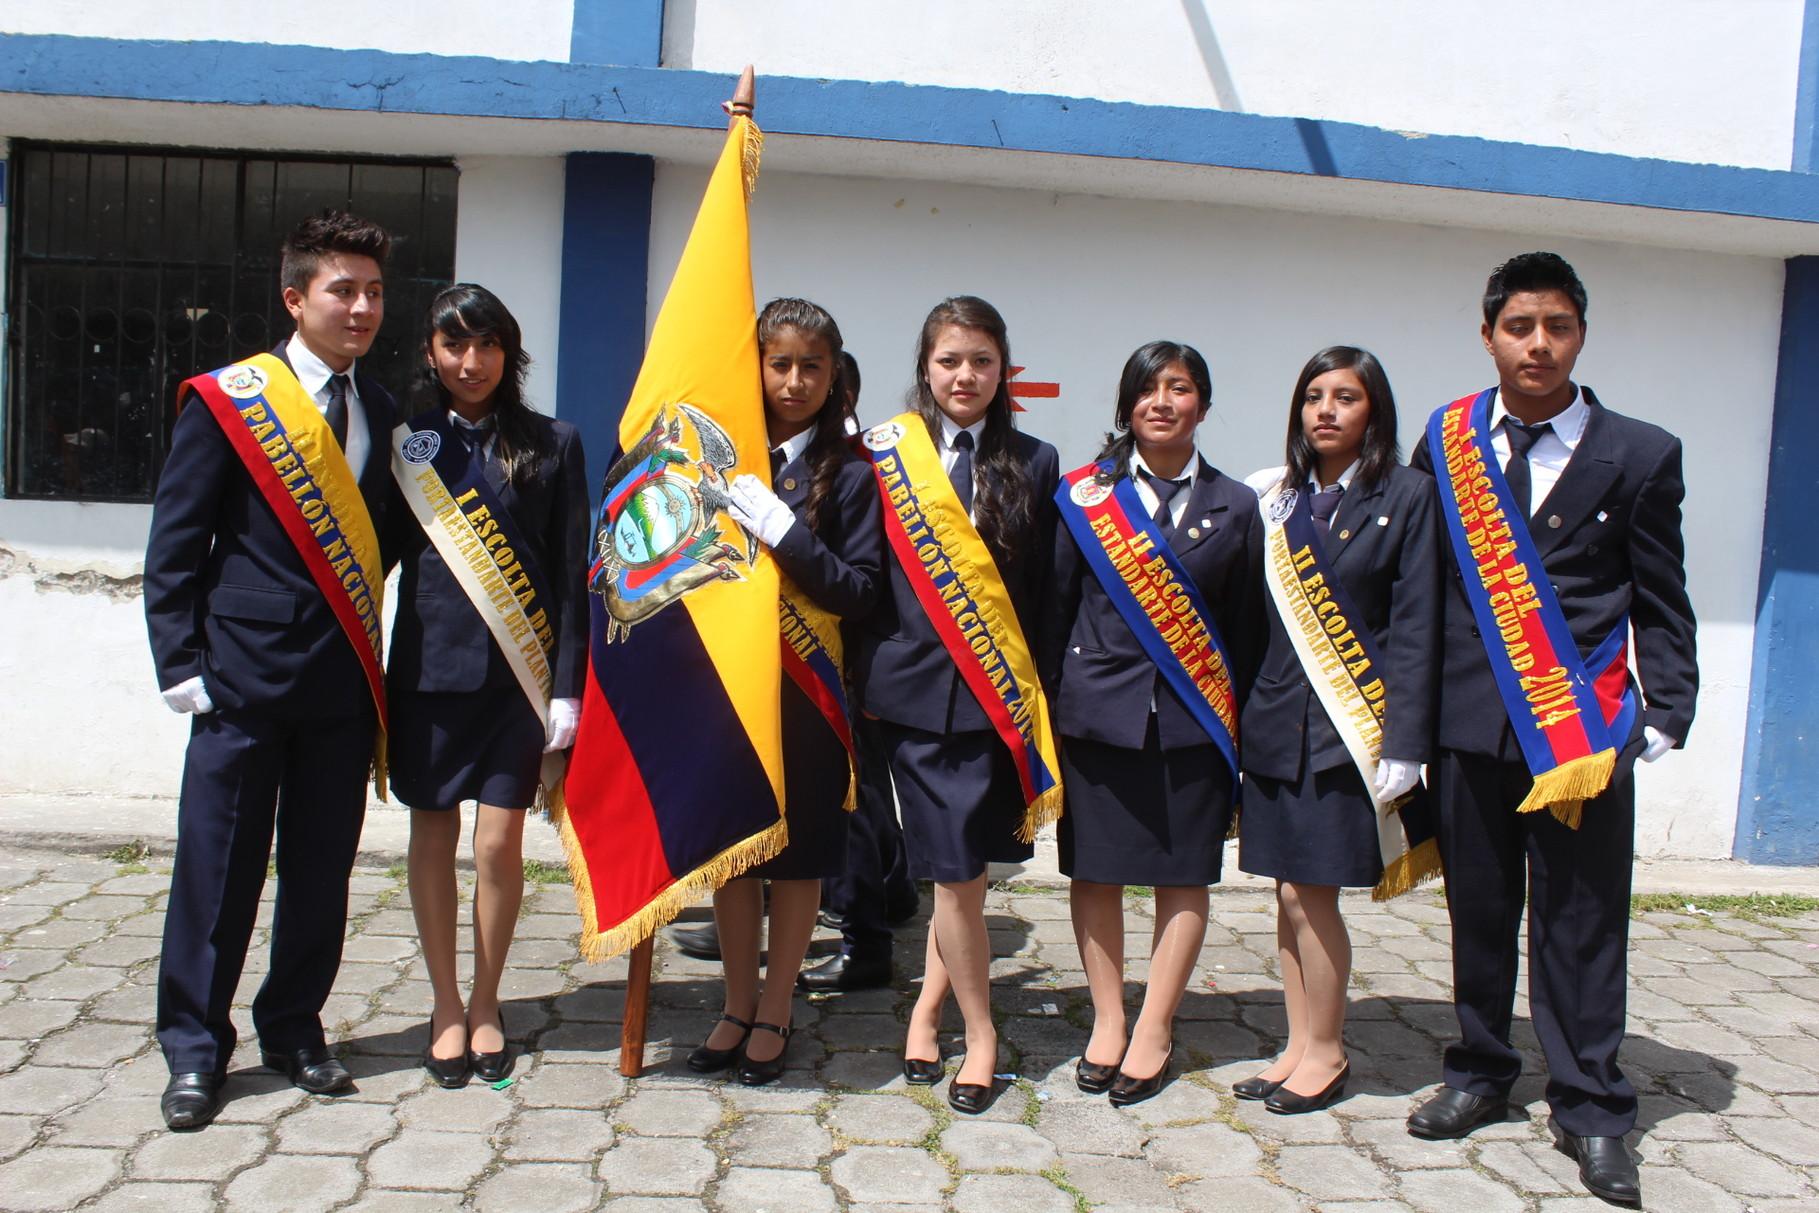 Erick Remache, Glenda Hurtado, Melissa Valverde, María Belén Orellana, Karina Díaz, Cinthia Baquilema, Jefferson de la Cruz